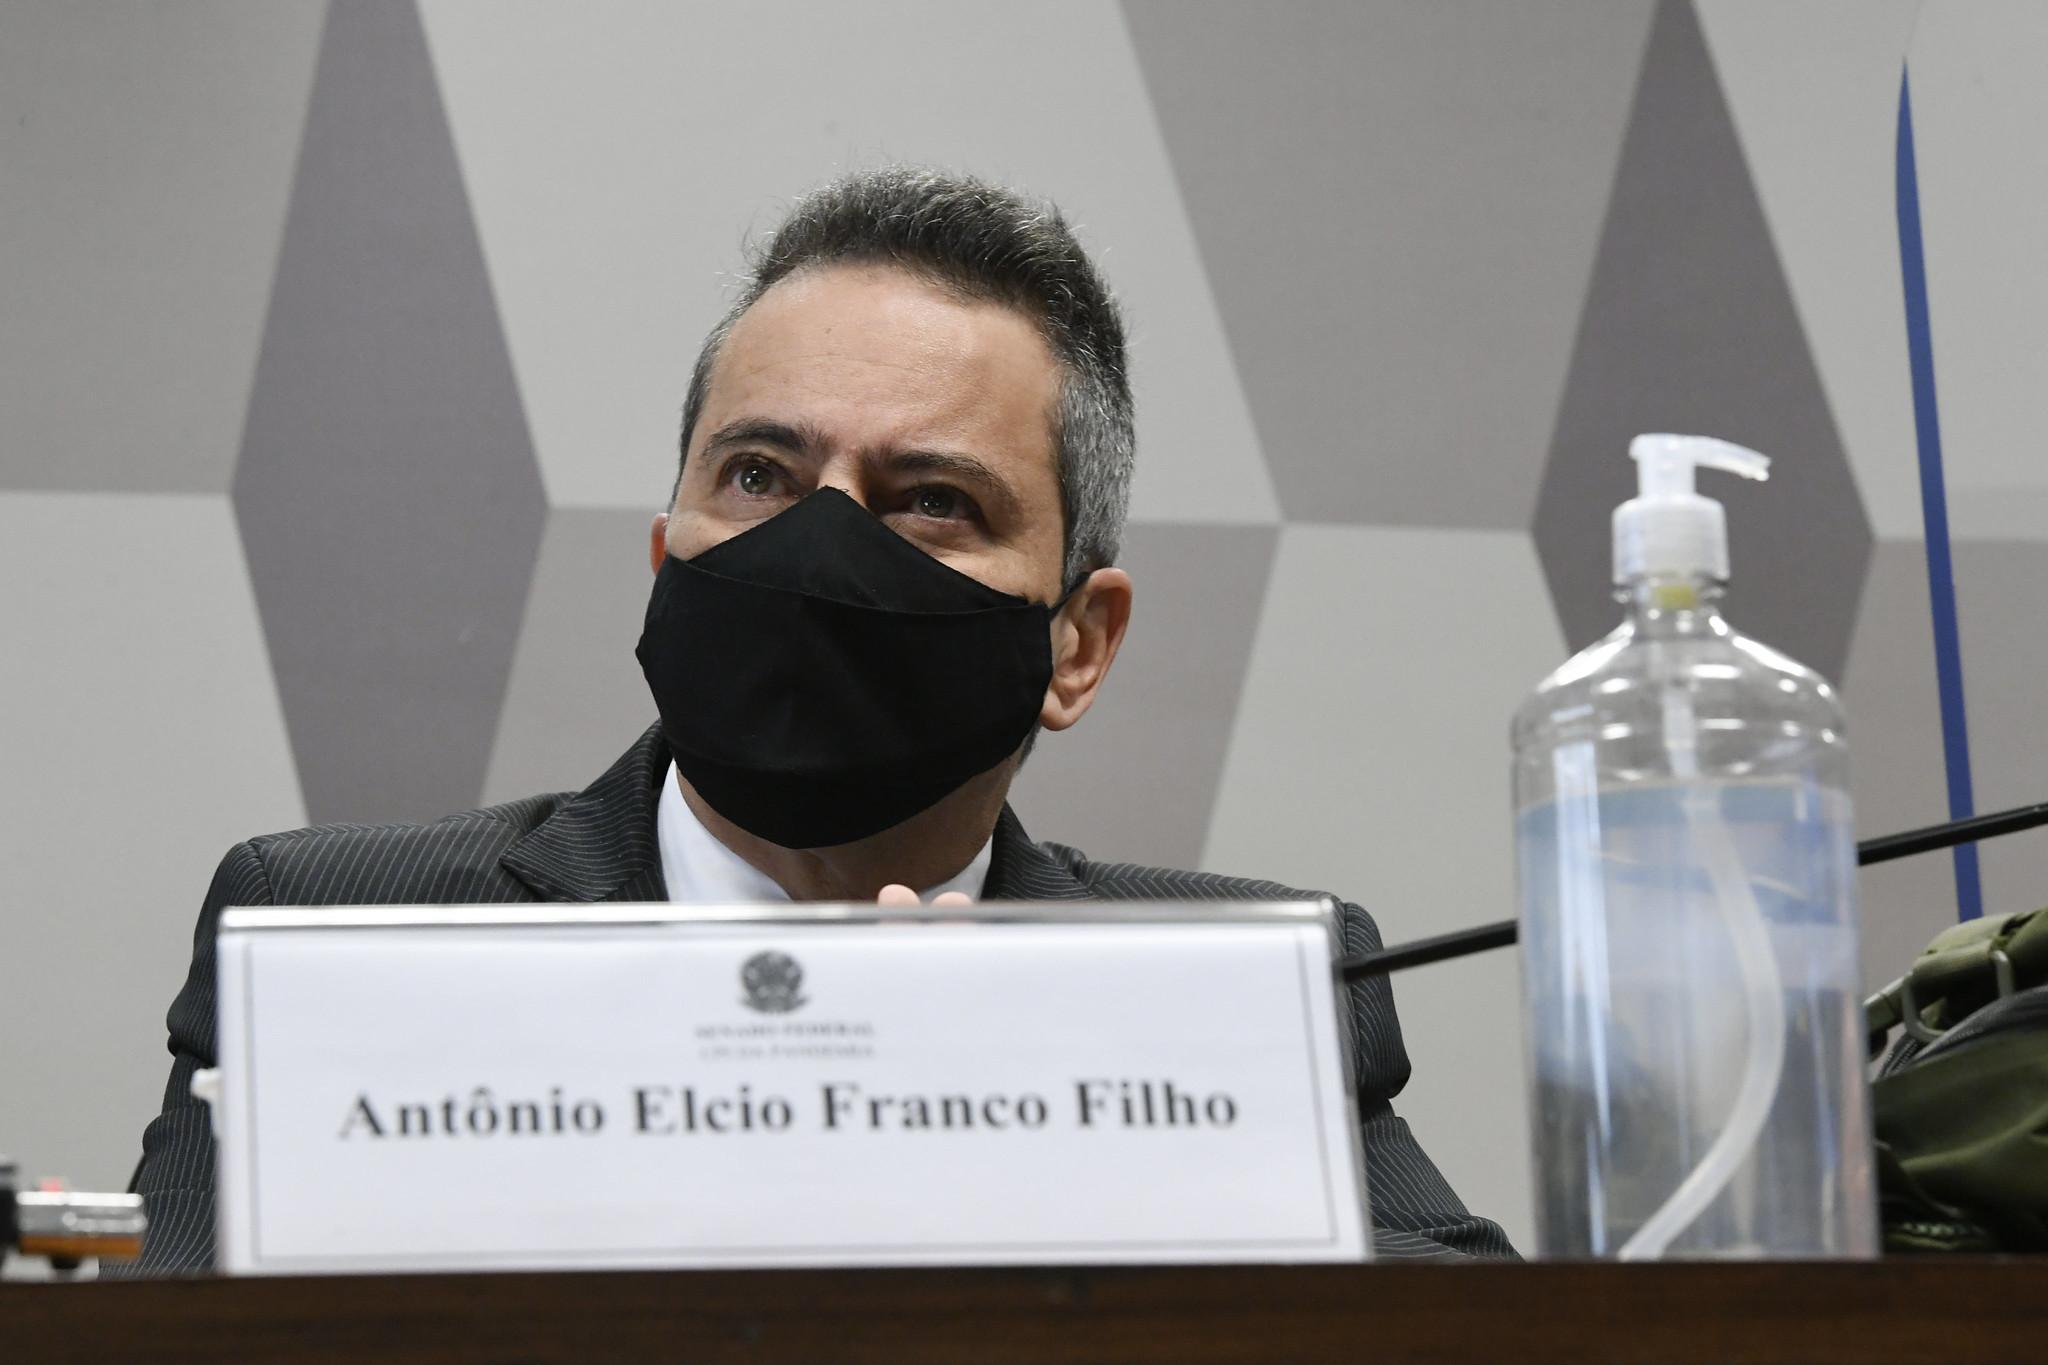 Elcio Franco, ex-secretário-executivo do Ministério da Saúde, é ouvido pela CPI